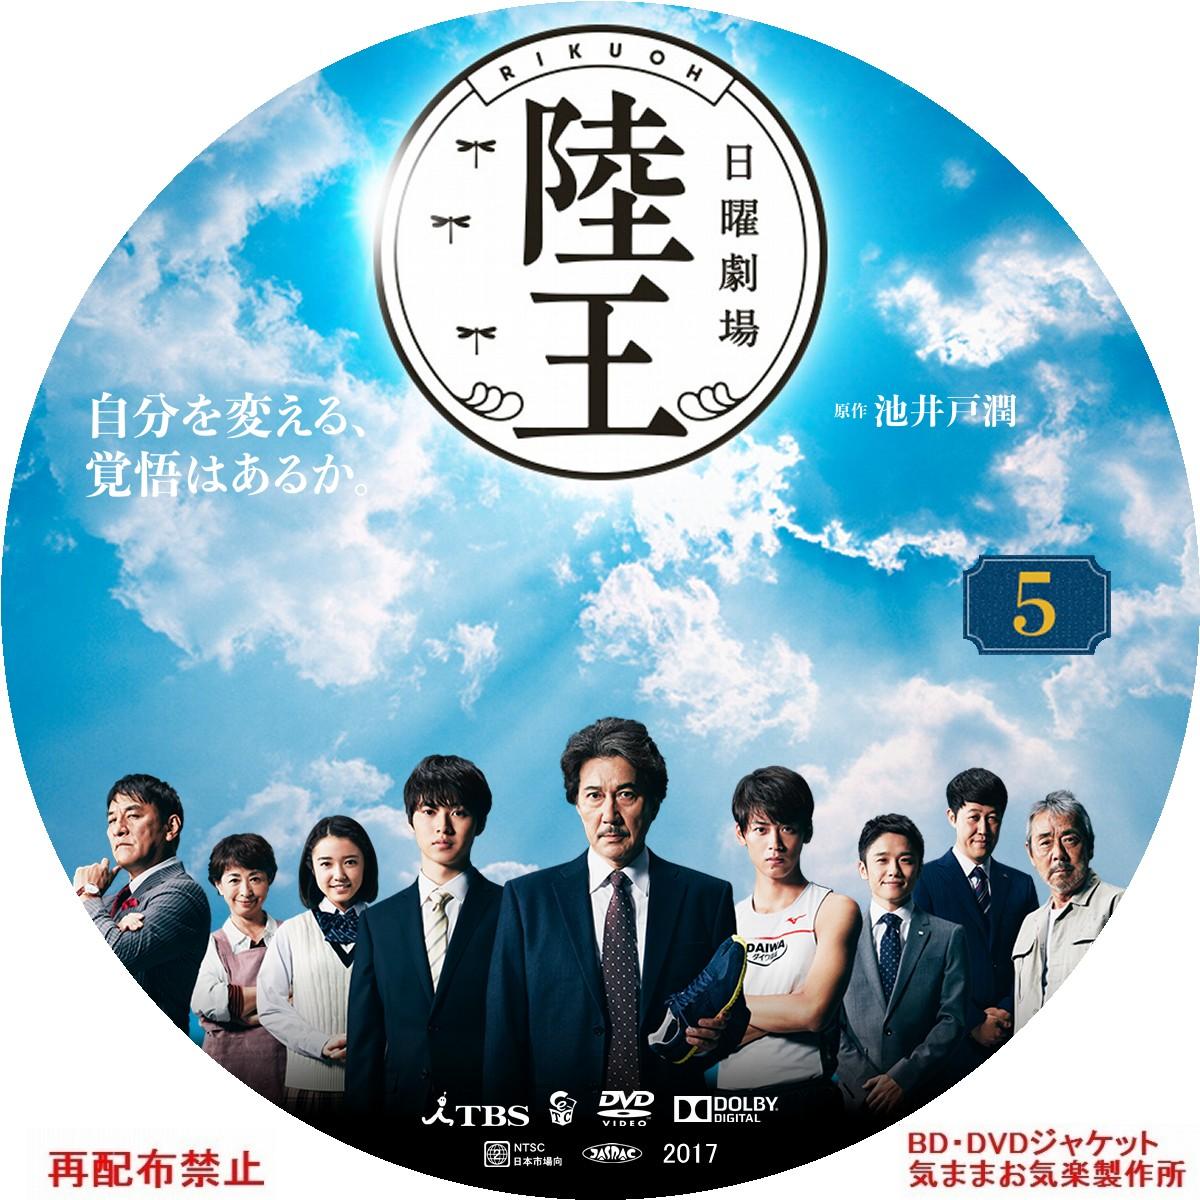 rikuou_DVD05.jpg